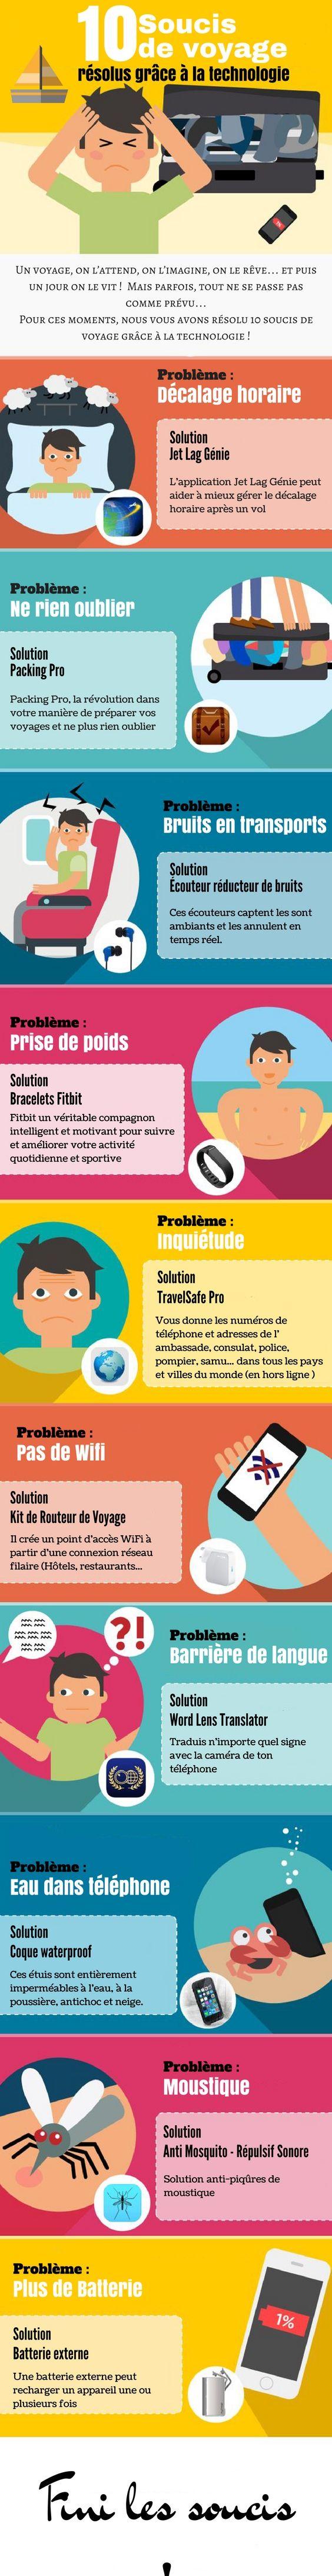 10 SOUCIS DE VOYAGE RÉSOLUS GRÂCE A LA TECHNOLOGIE !